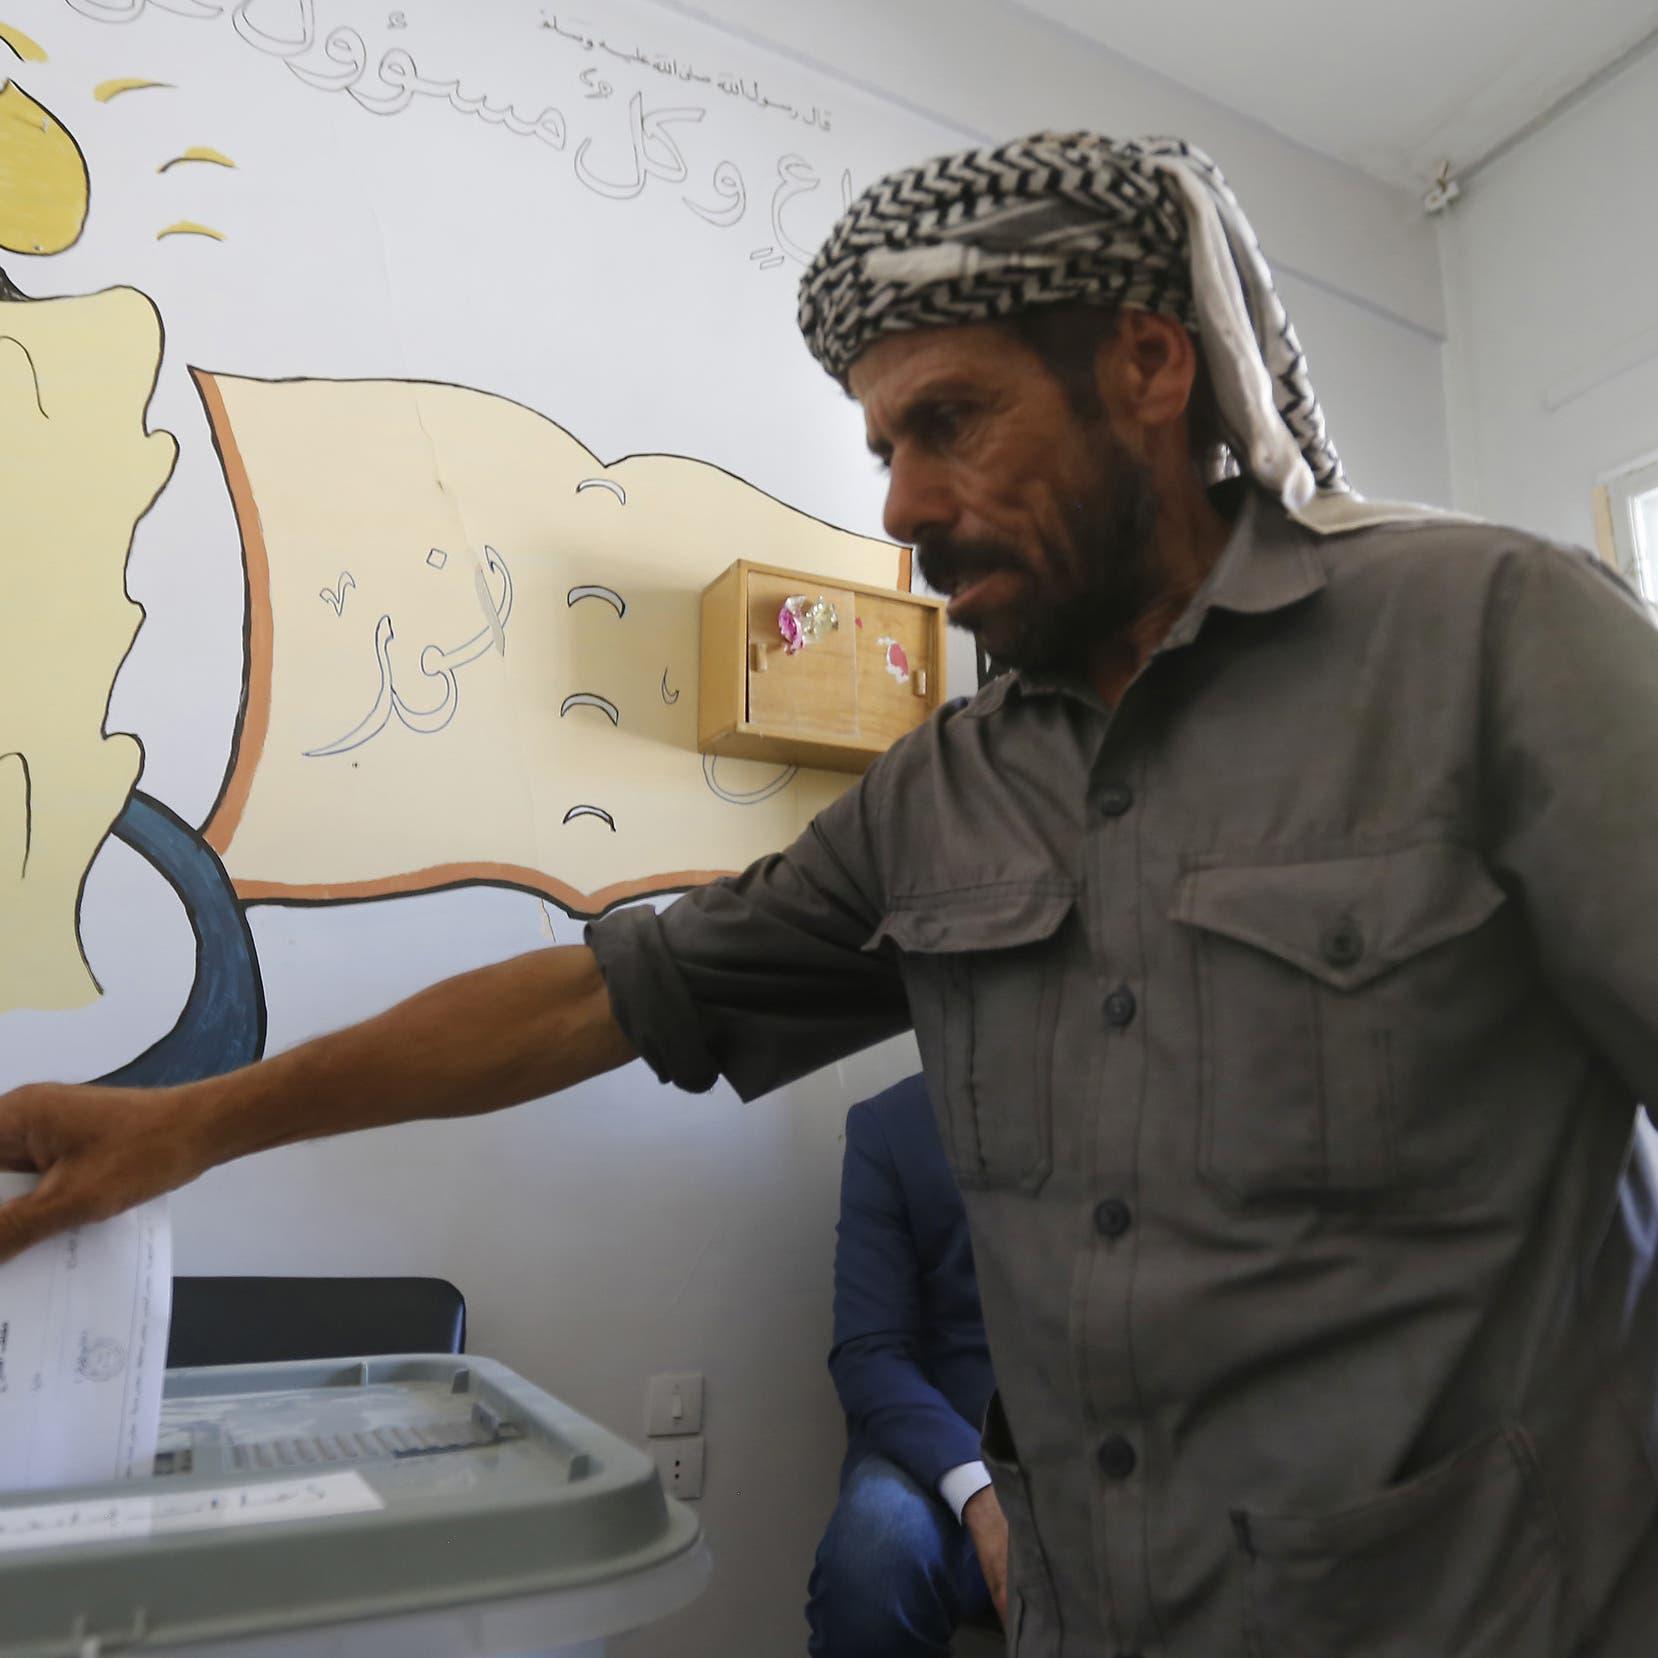 الأسد يرجئ الانتخابات التشريعية للمرة الثانية بسبب كورونا